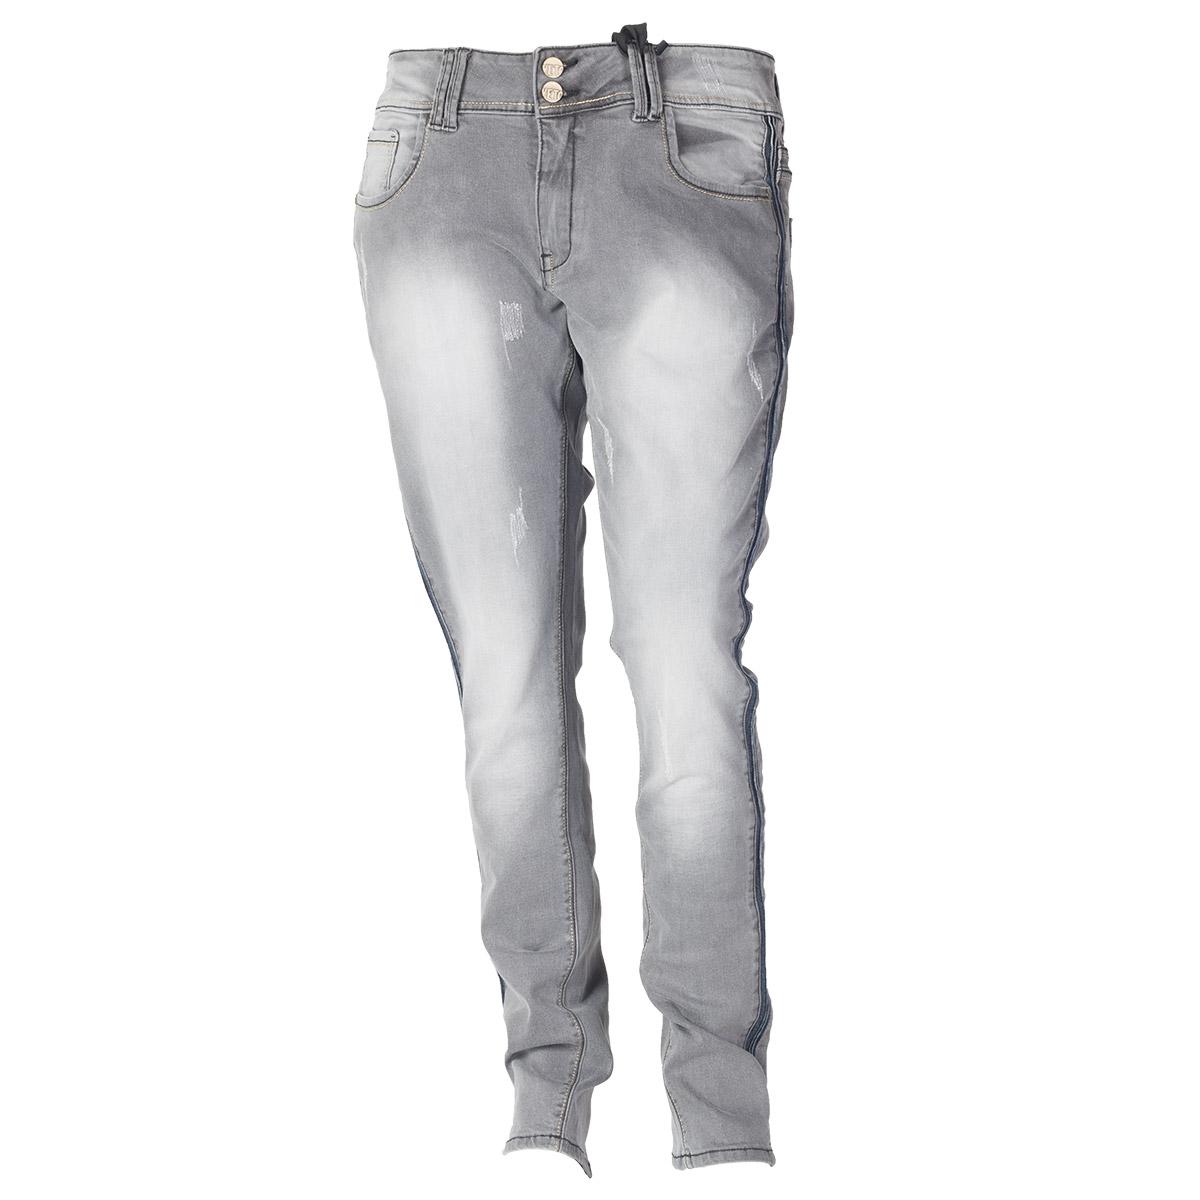 Jeans i grå denim vask fra veto